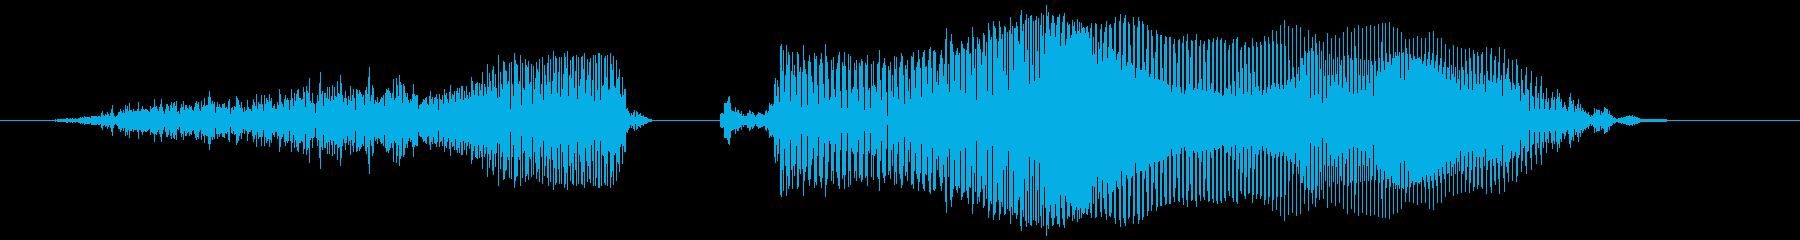 すごい!2【ロリキャラの褒めボイス】の再生済みの波形